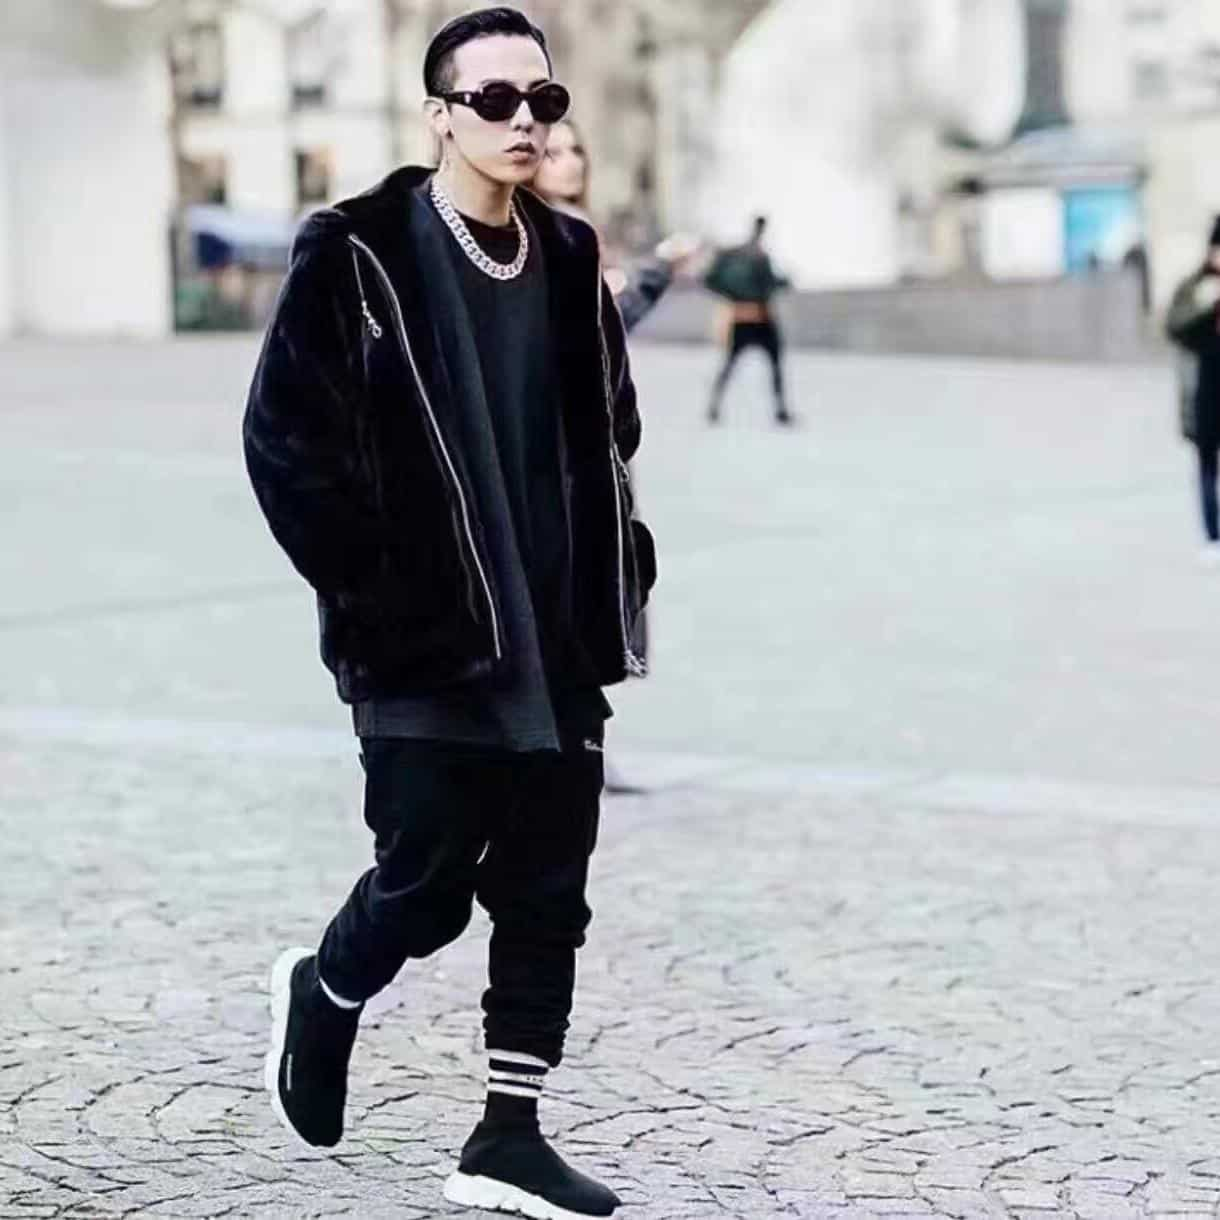 Balenciaga Speed Trainer trở thành lựa chọn hàng đầu của tín đồ sneaker